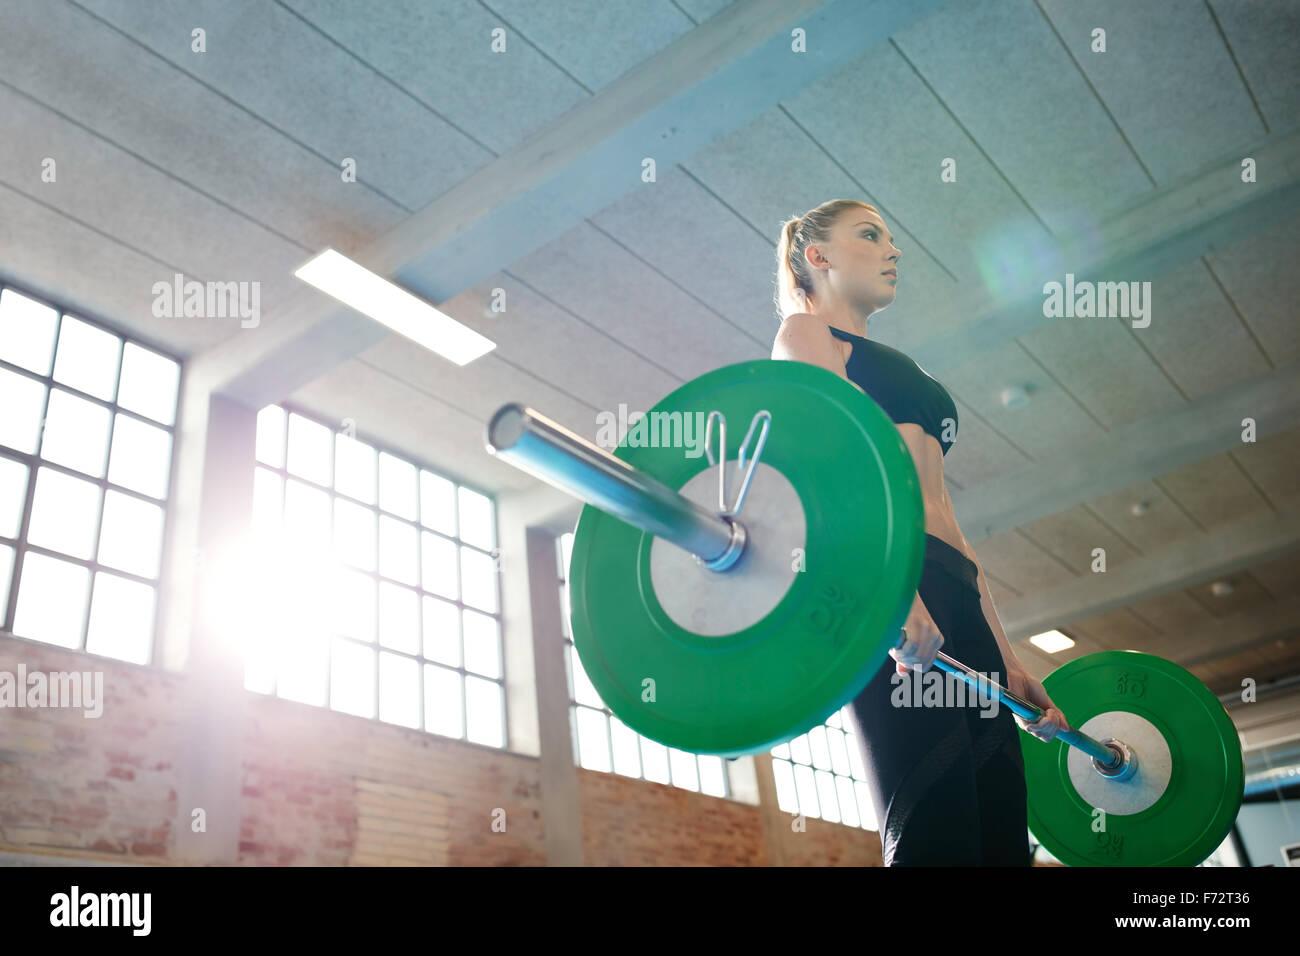 Donna Fitness preparazione alla pratica deadlift con pesi pesanti in palestra. Facendo femmina di peso pesante lavoro Immagini Stock